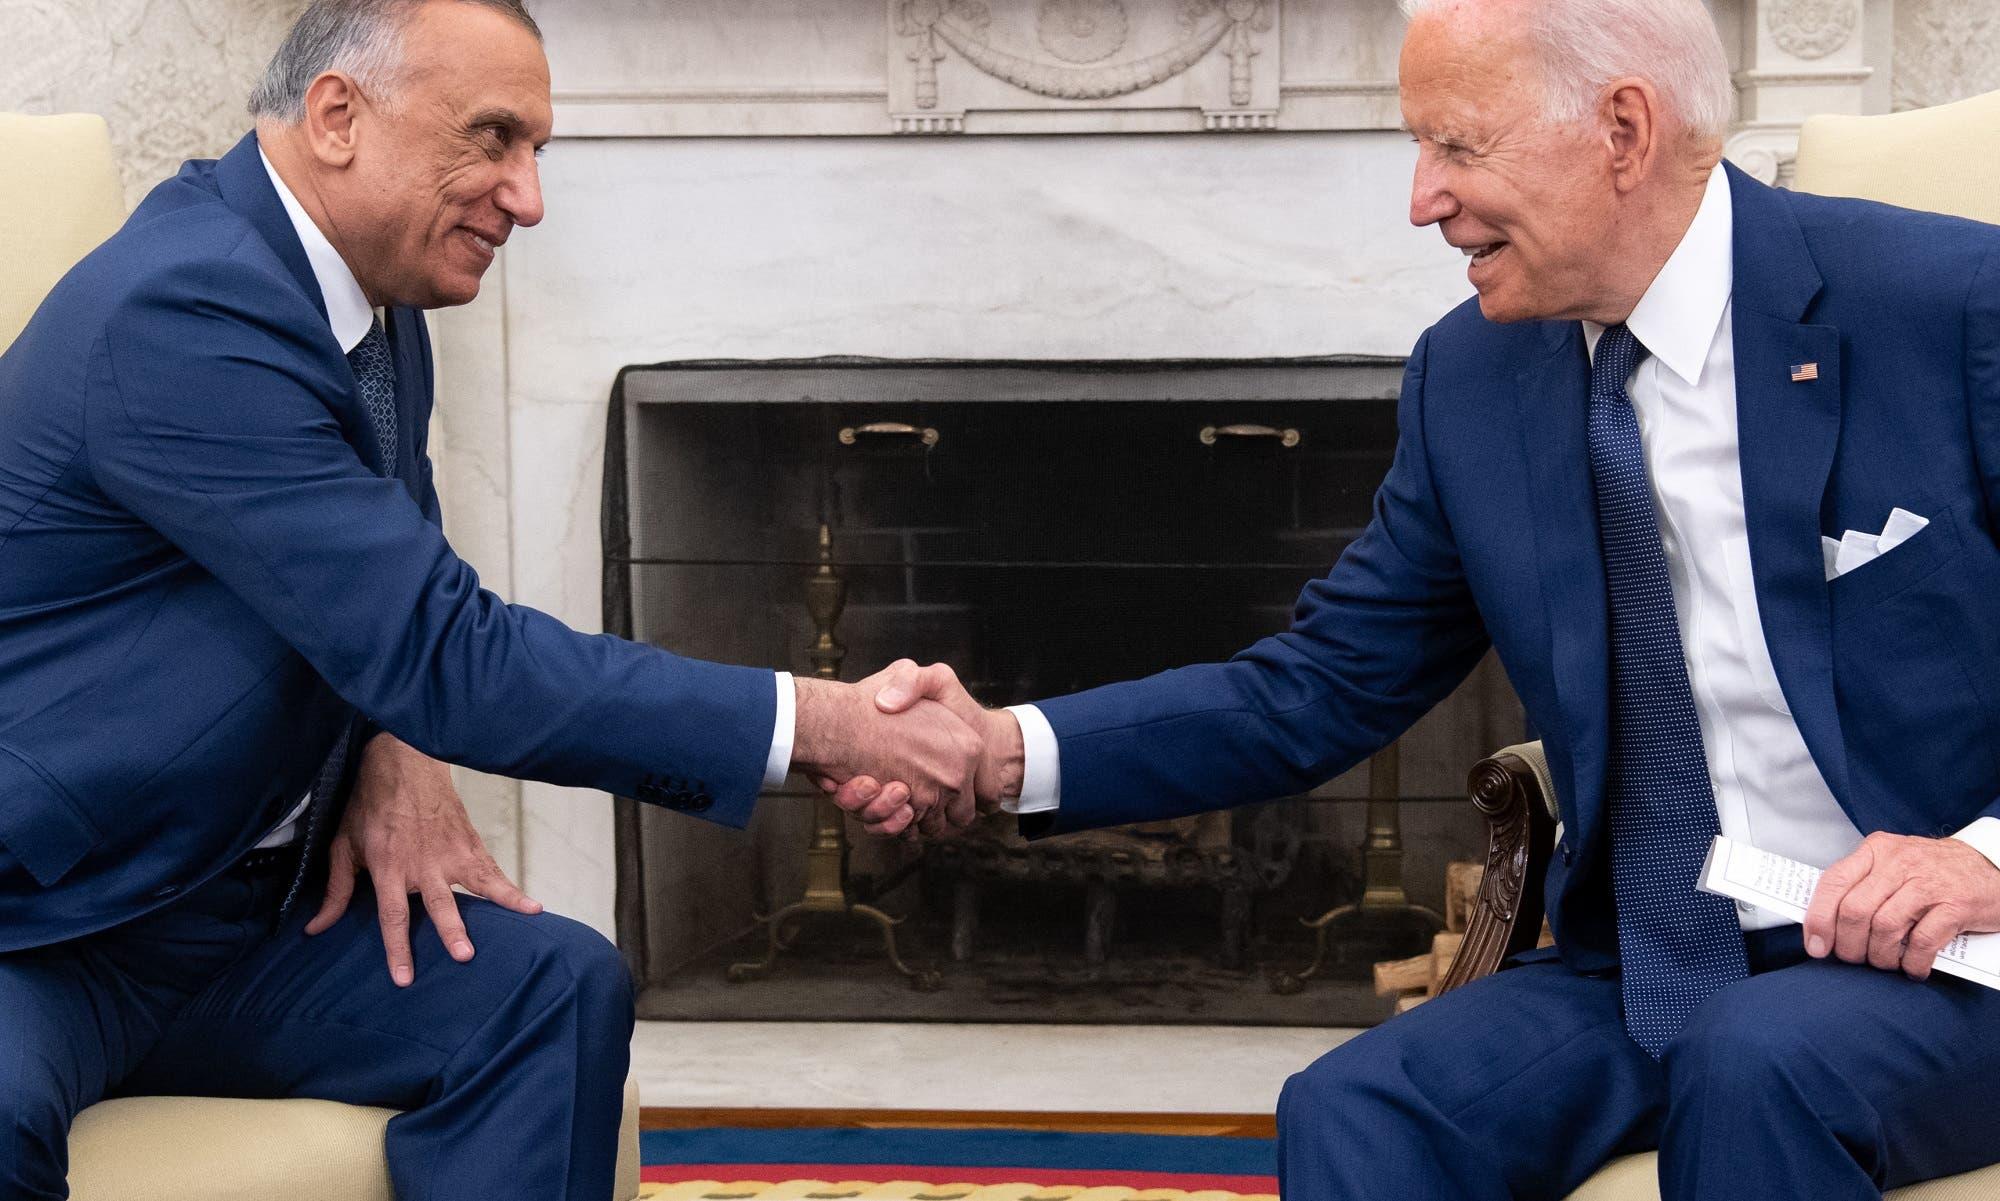 بايدن والكاظمي في البيت الأبيض يوم 26 يوليو 2021 (فرانس برس)